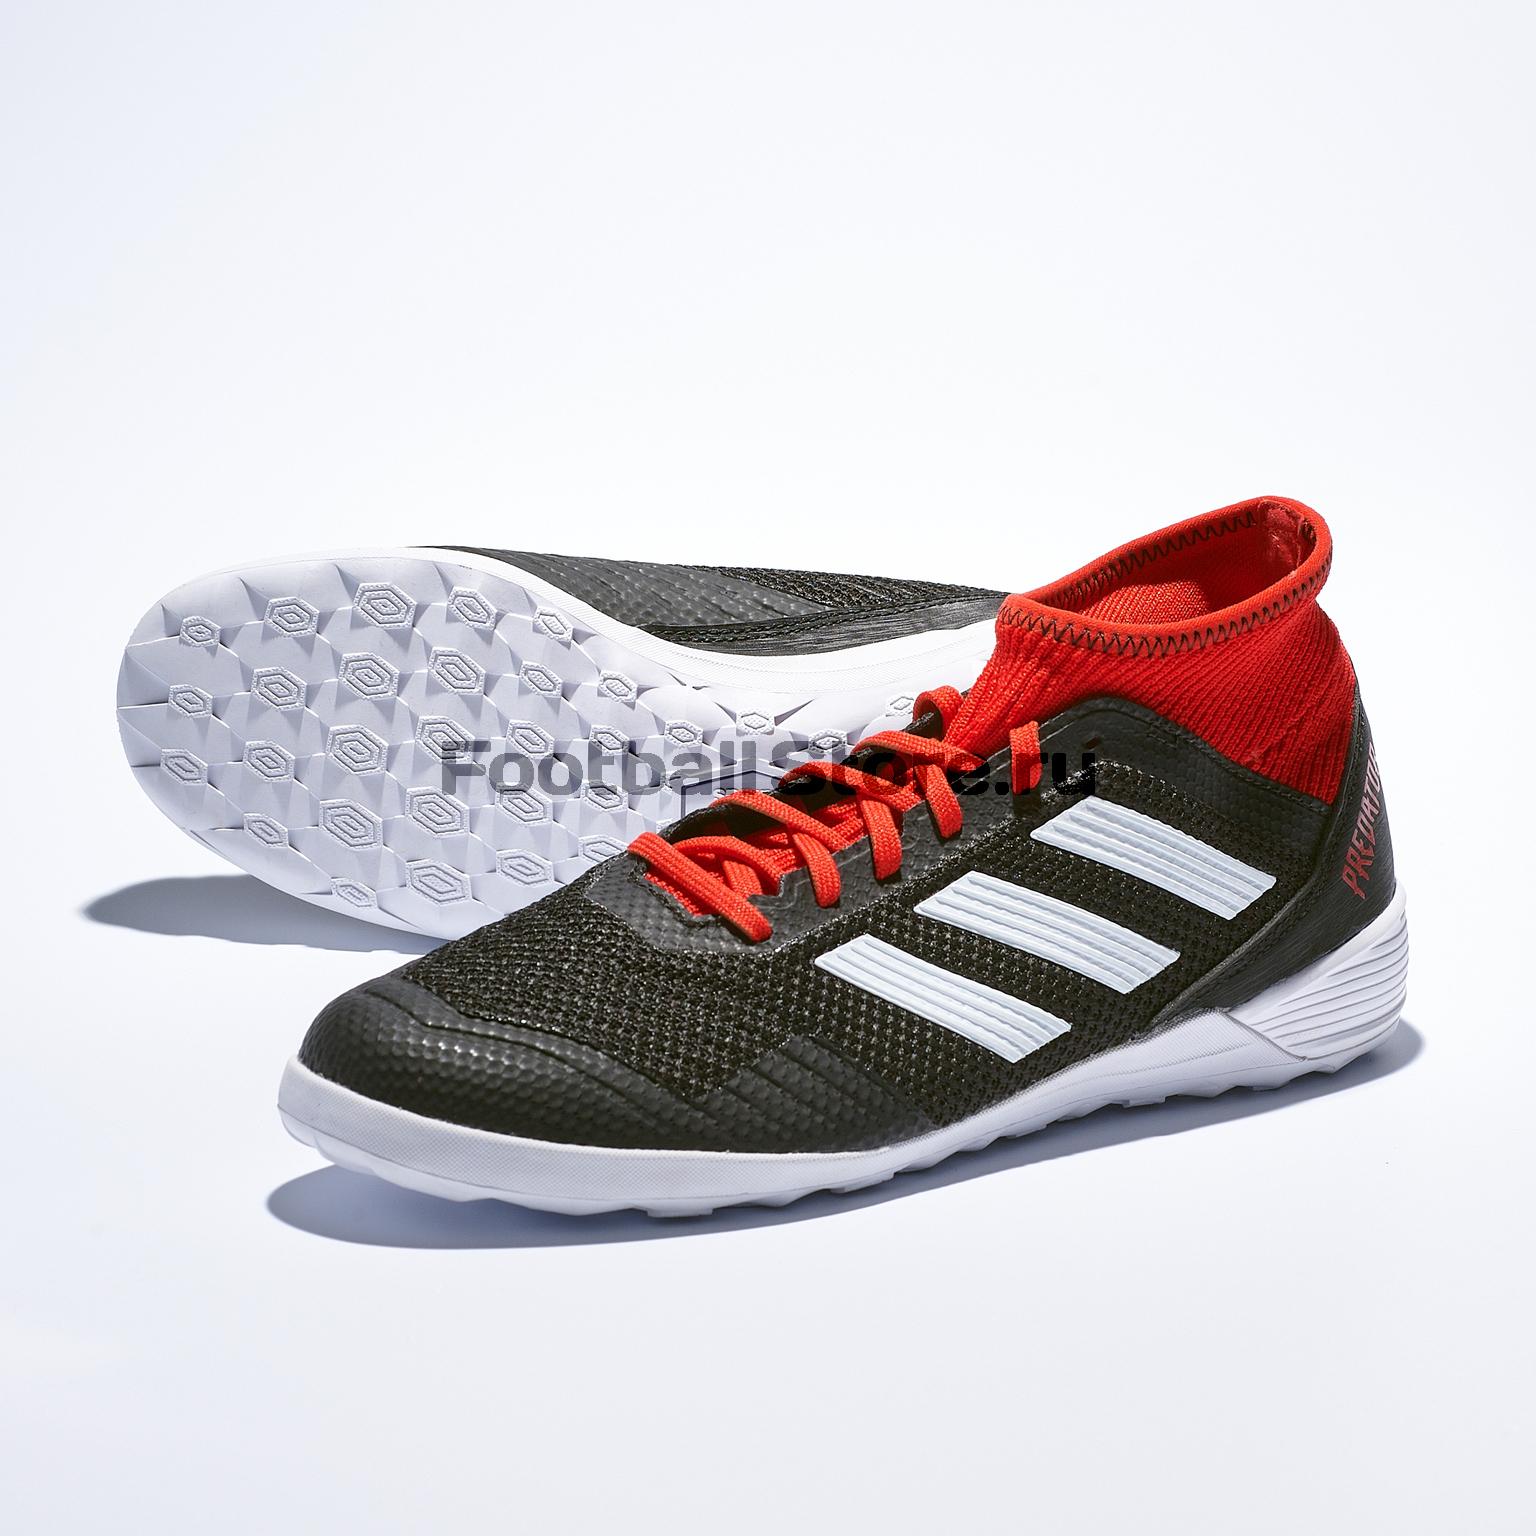 Футзалки Adidas Predator Tango 18.3 IN DB2128 – купить футзалки в ... ab7fd443df2